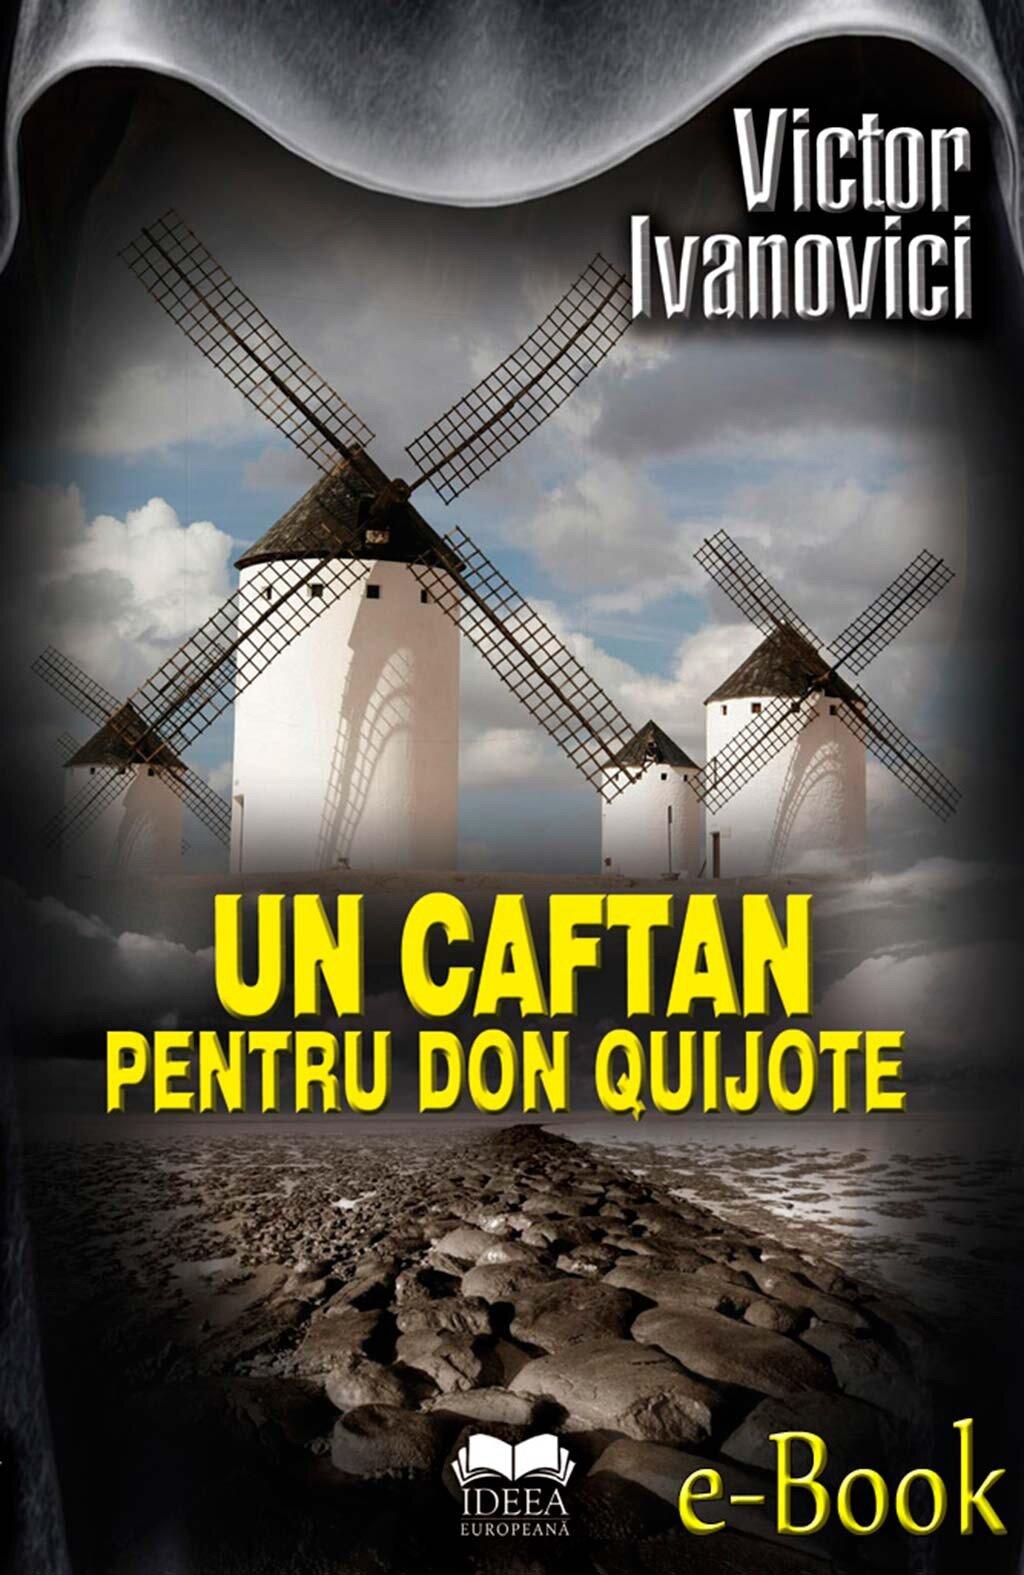 Un caftan pentru Don Quijote (eBook)